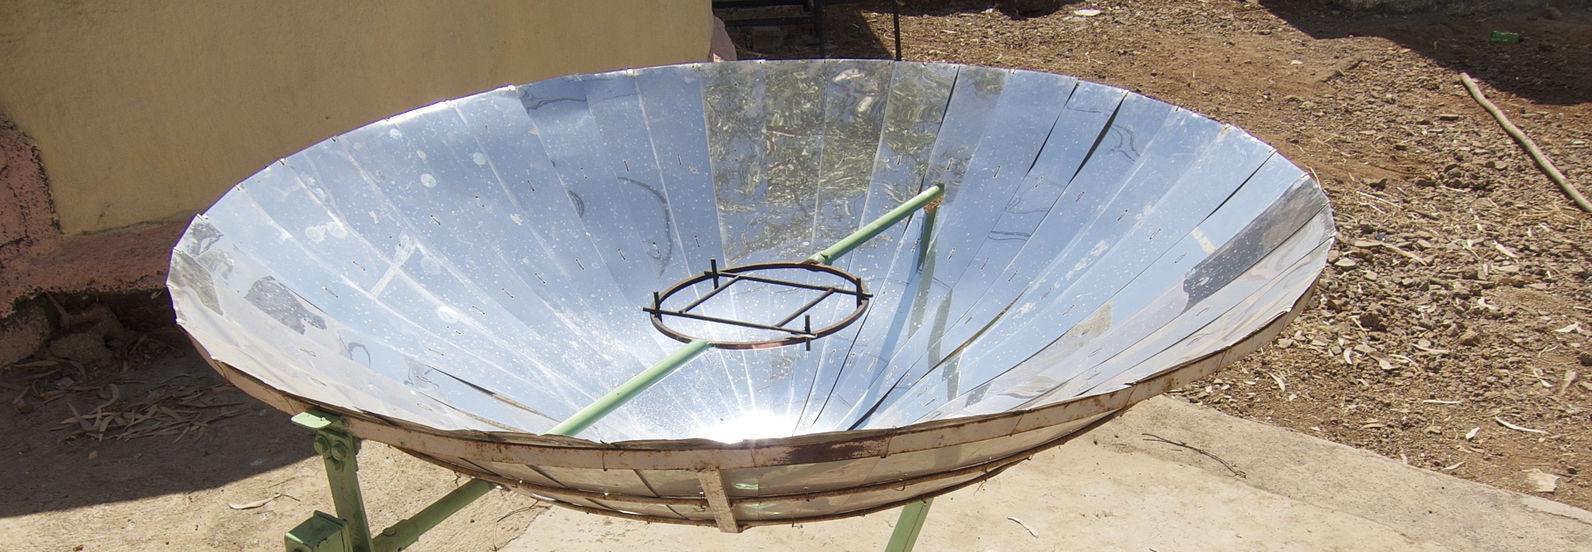 Solar_cooker_1